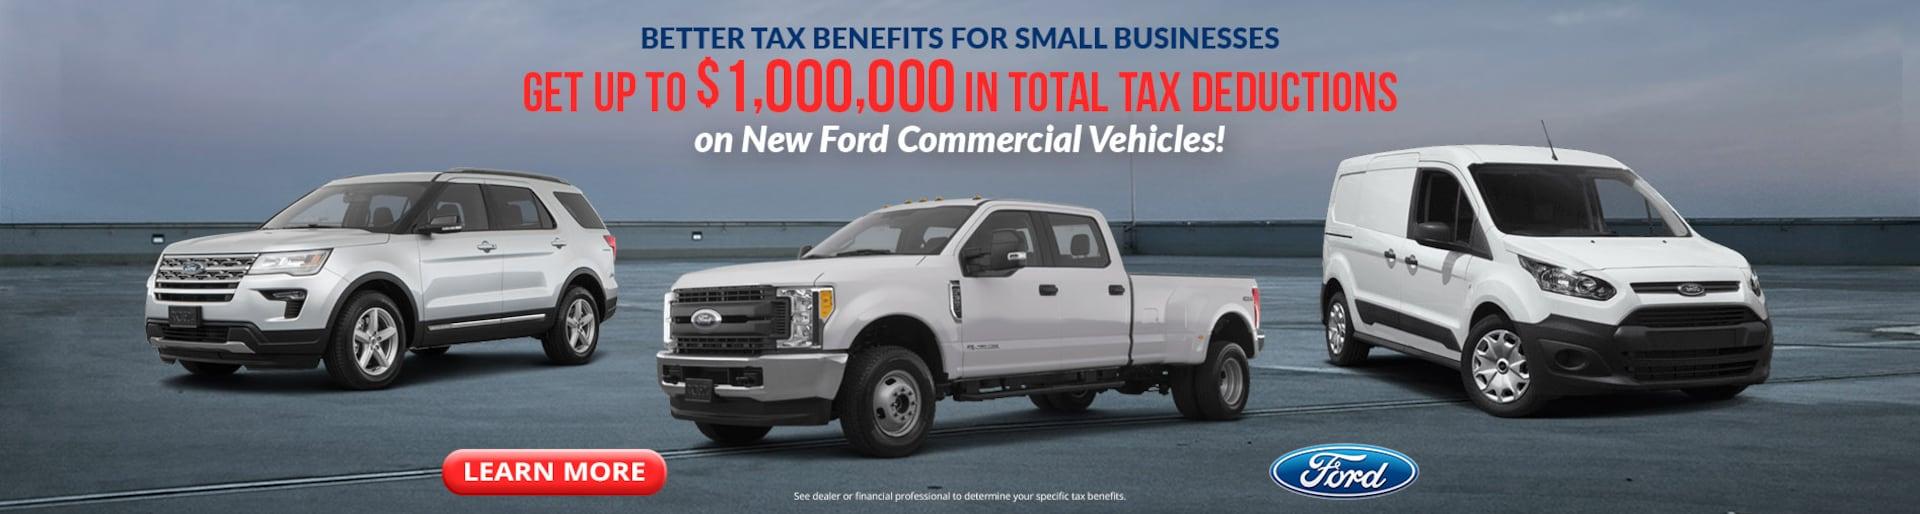 Woody Folsom Ford Baxley Ga >> New & Used Ford Dealership - Woody Folsom Ford in Baxley, GA